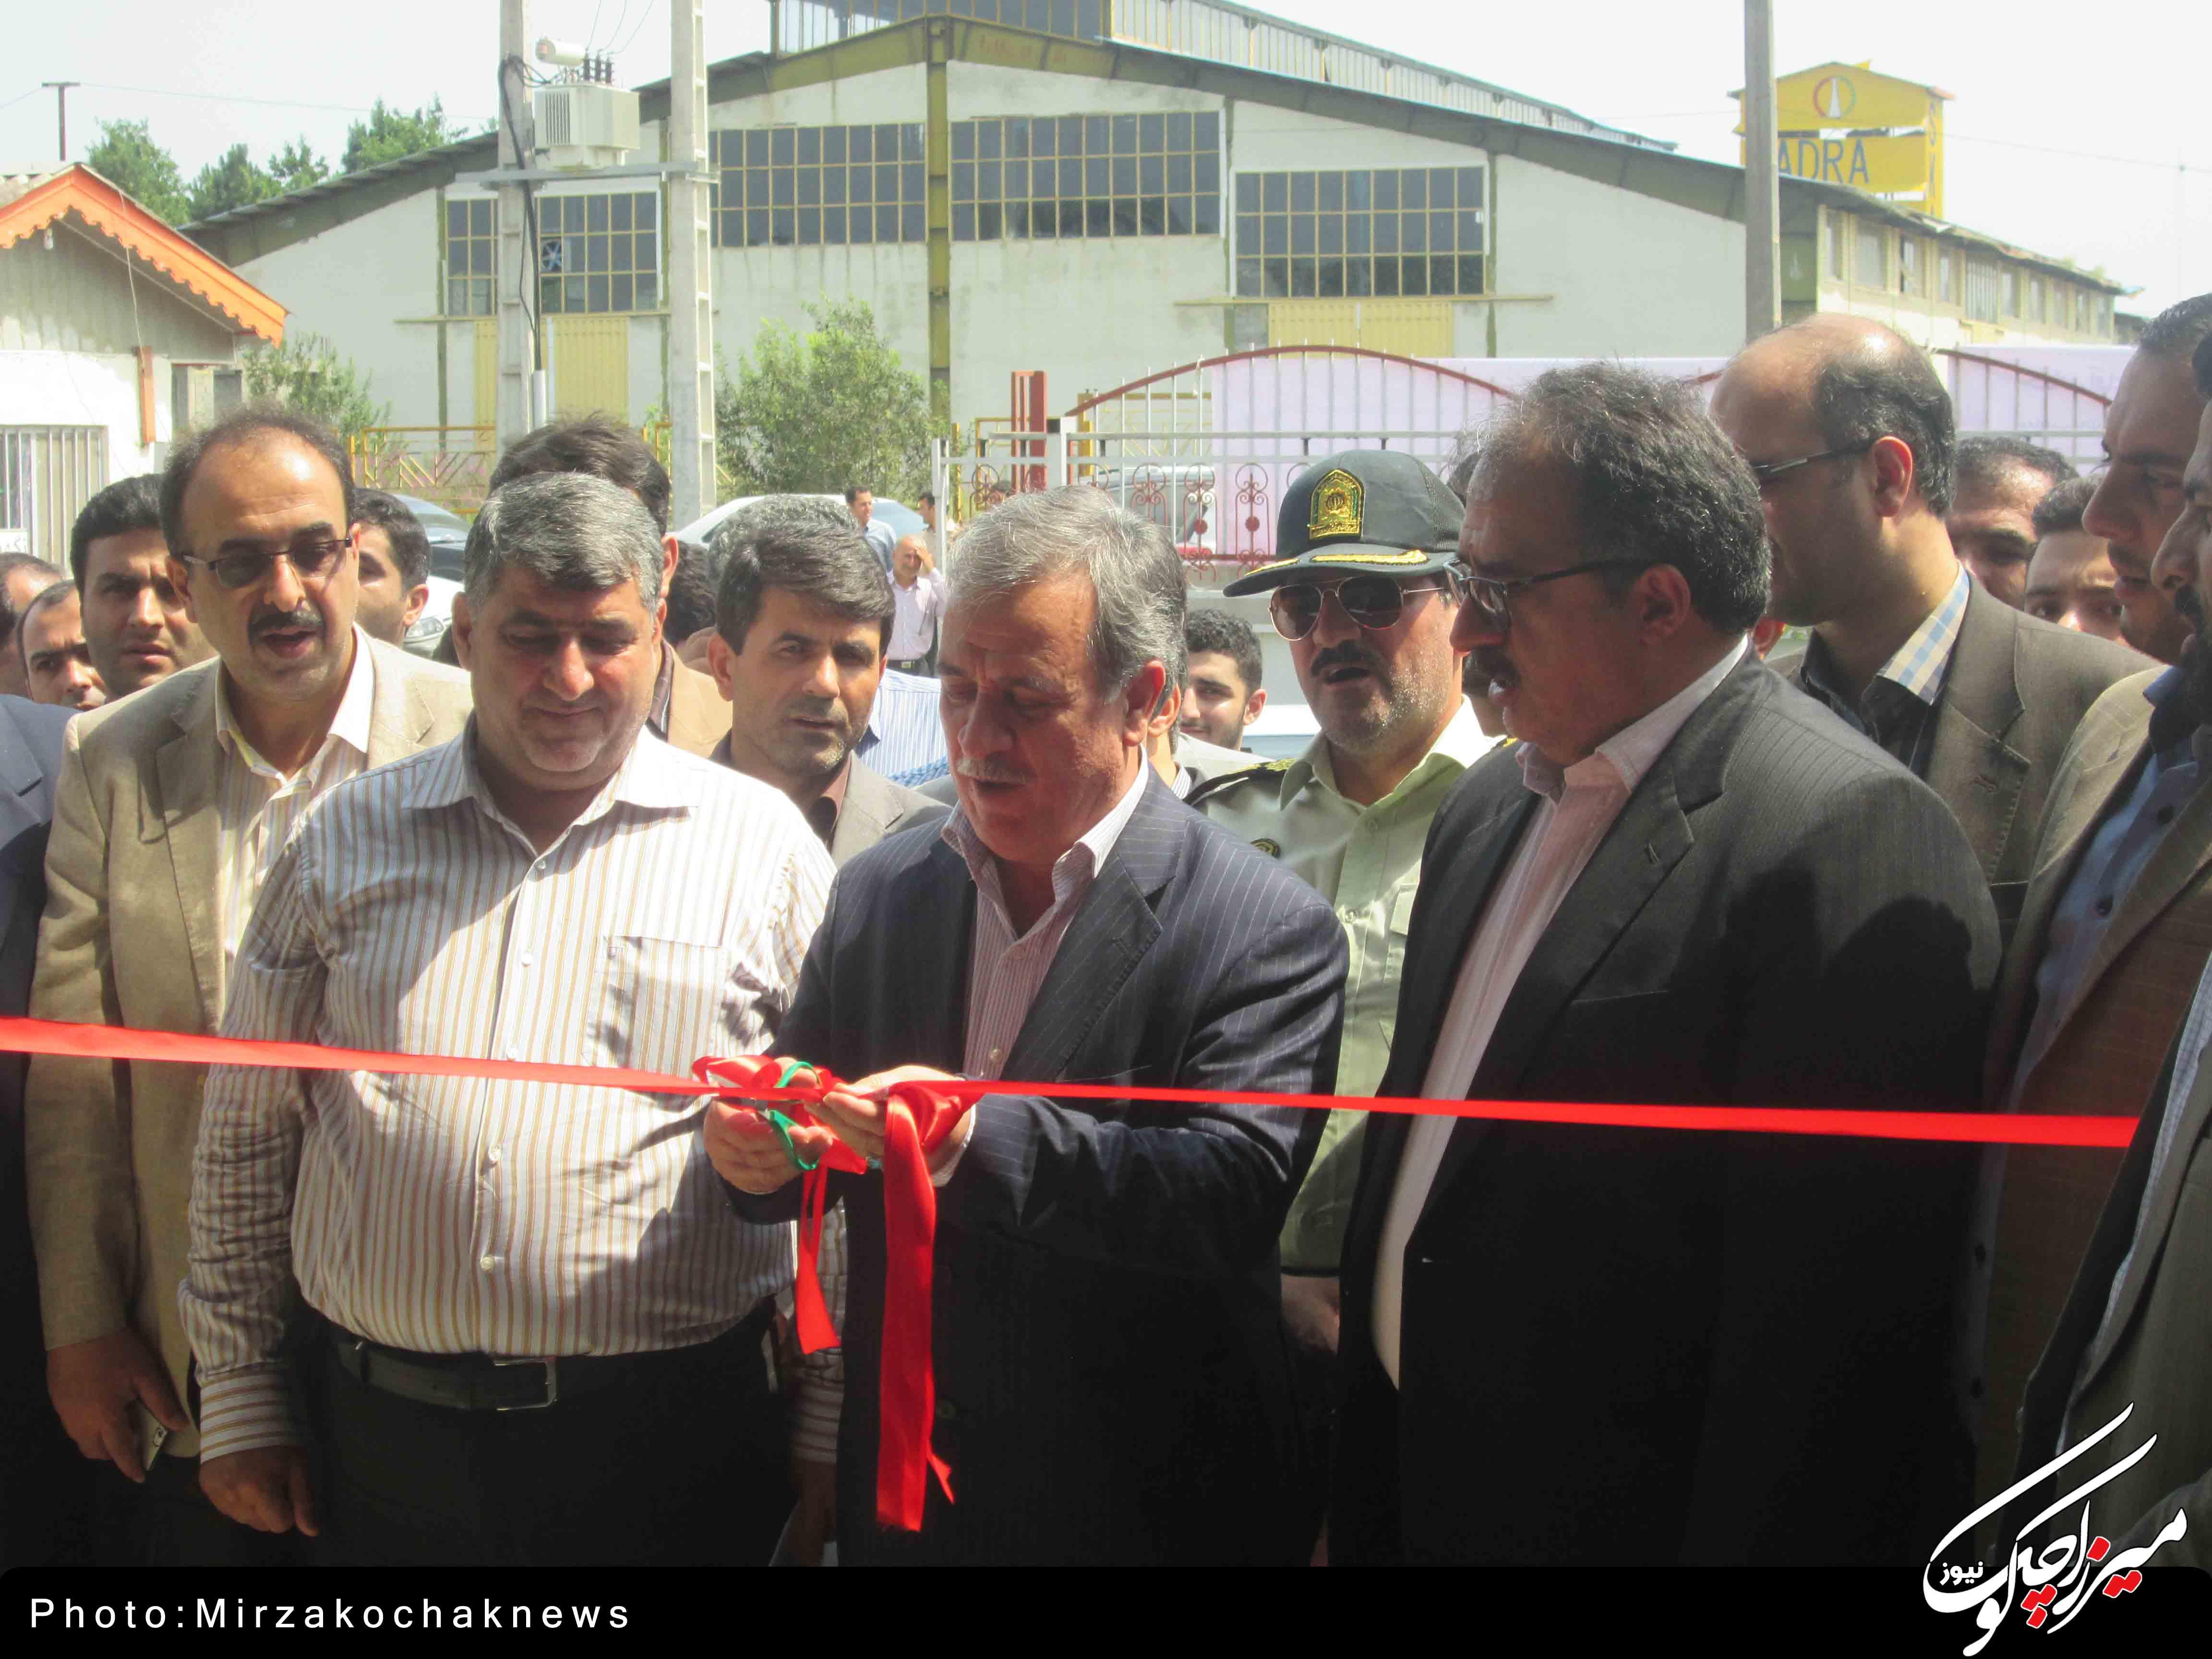 افتتاح سه پروژه تولیدی و صنعتی در شهرک صنعتی صومعه سرا